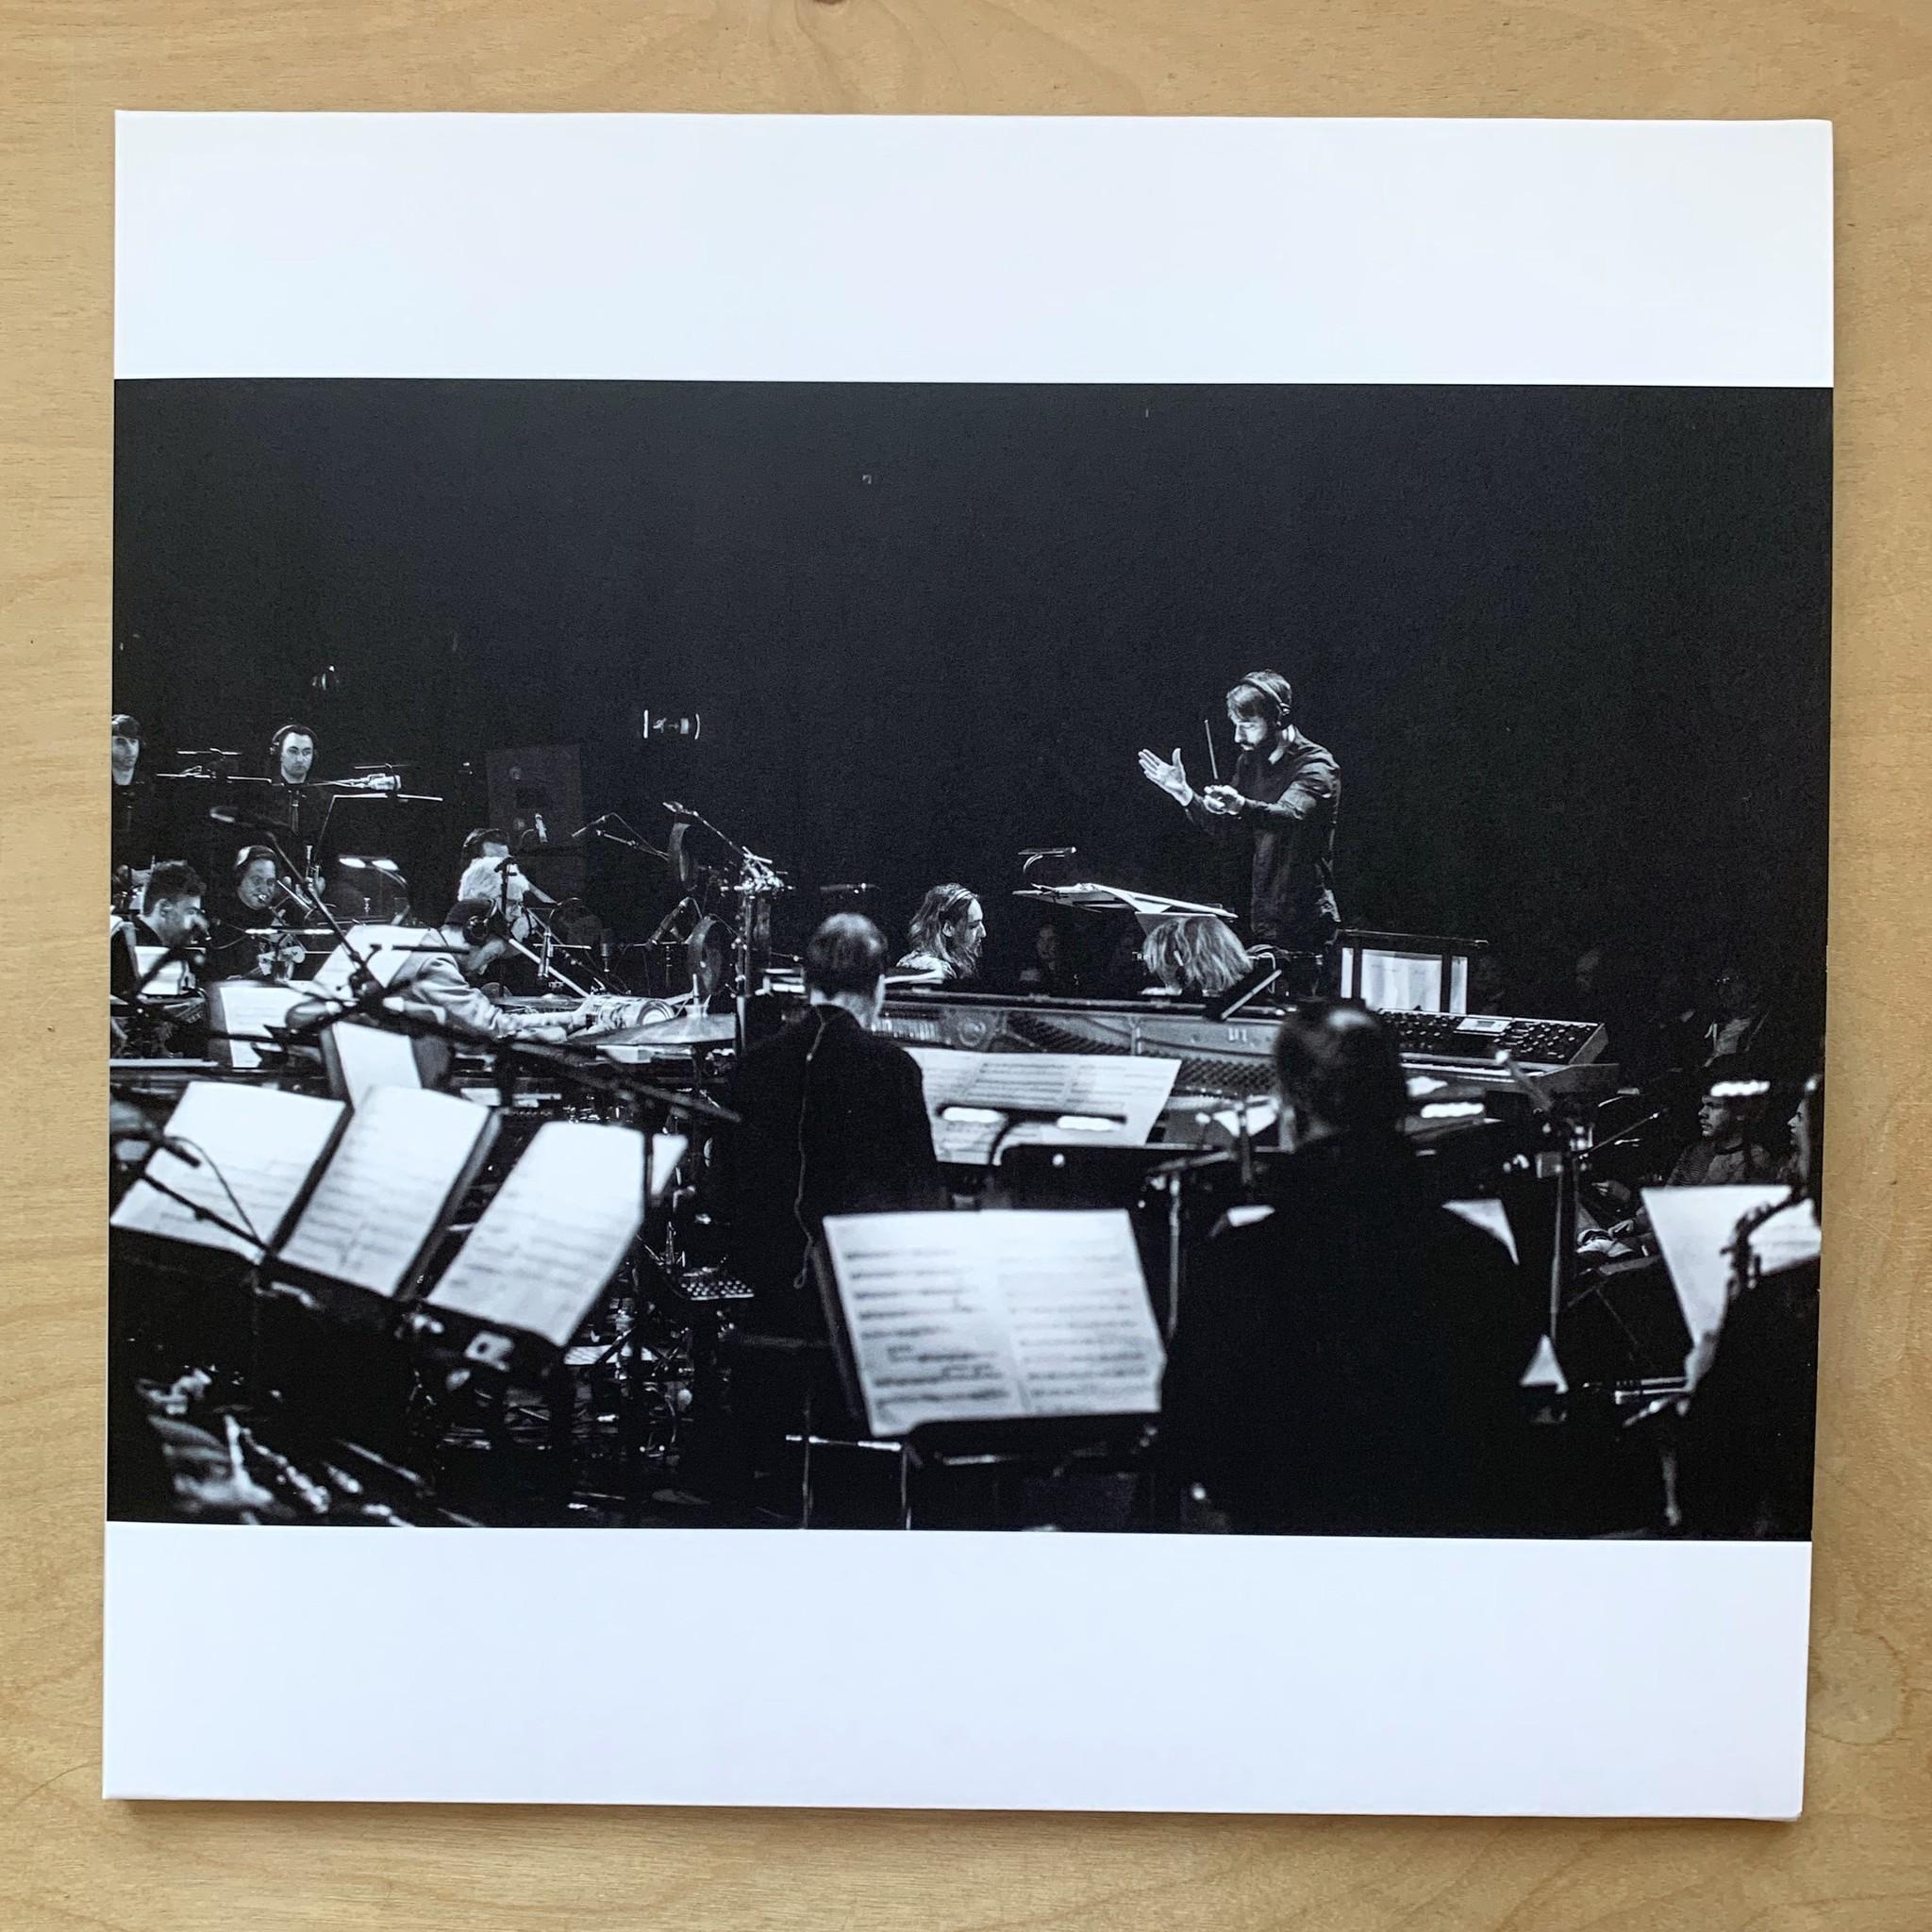 Melkweg - Jameszoo & Metropole Orkest conducted by Jules Buckley  (2LP)